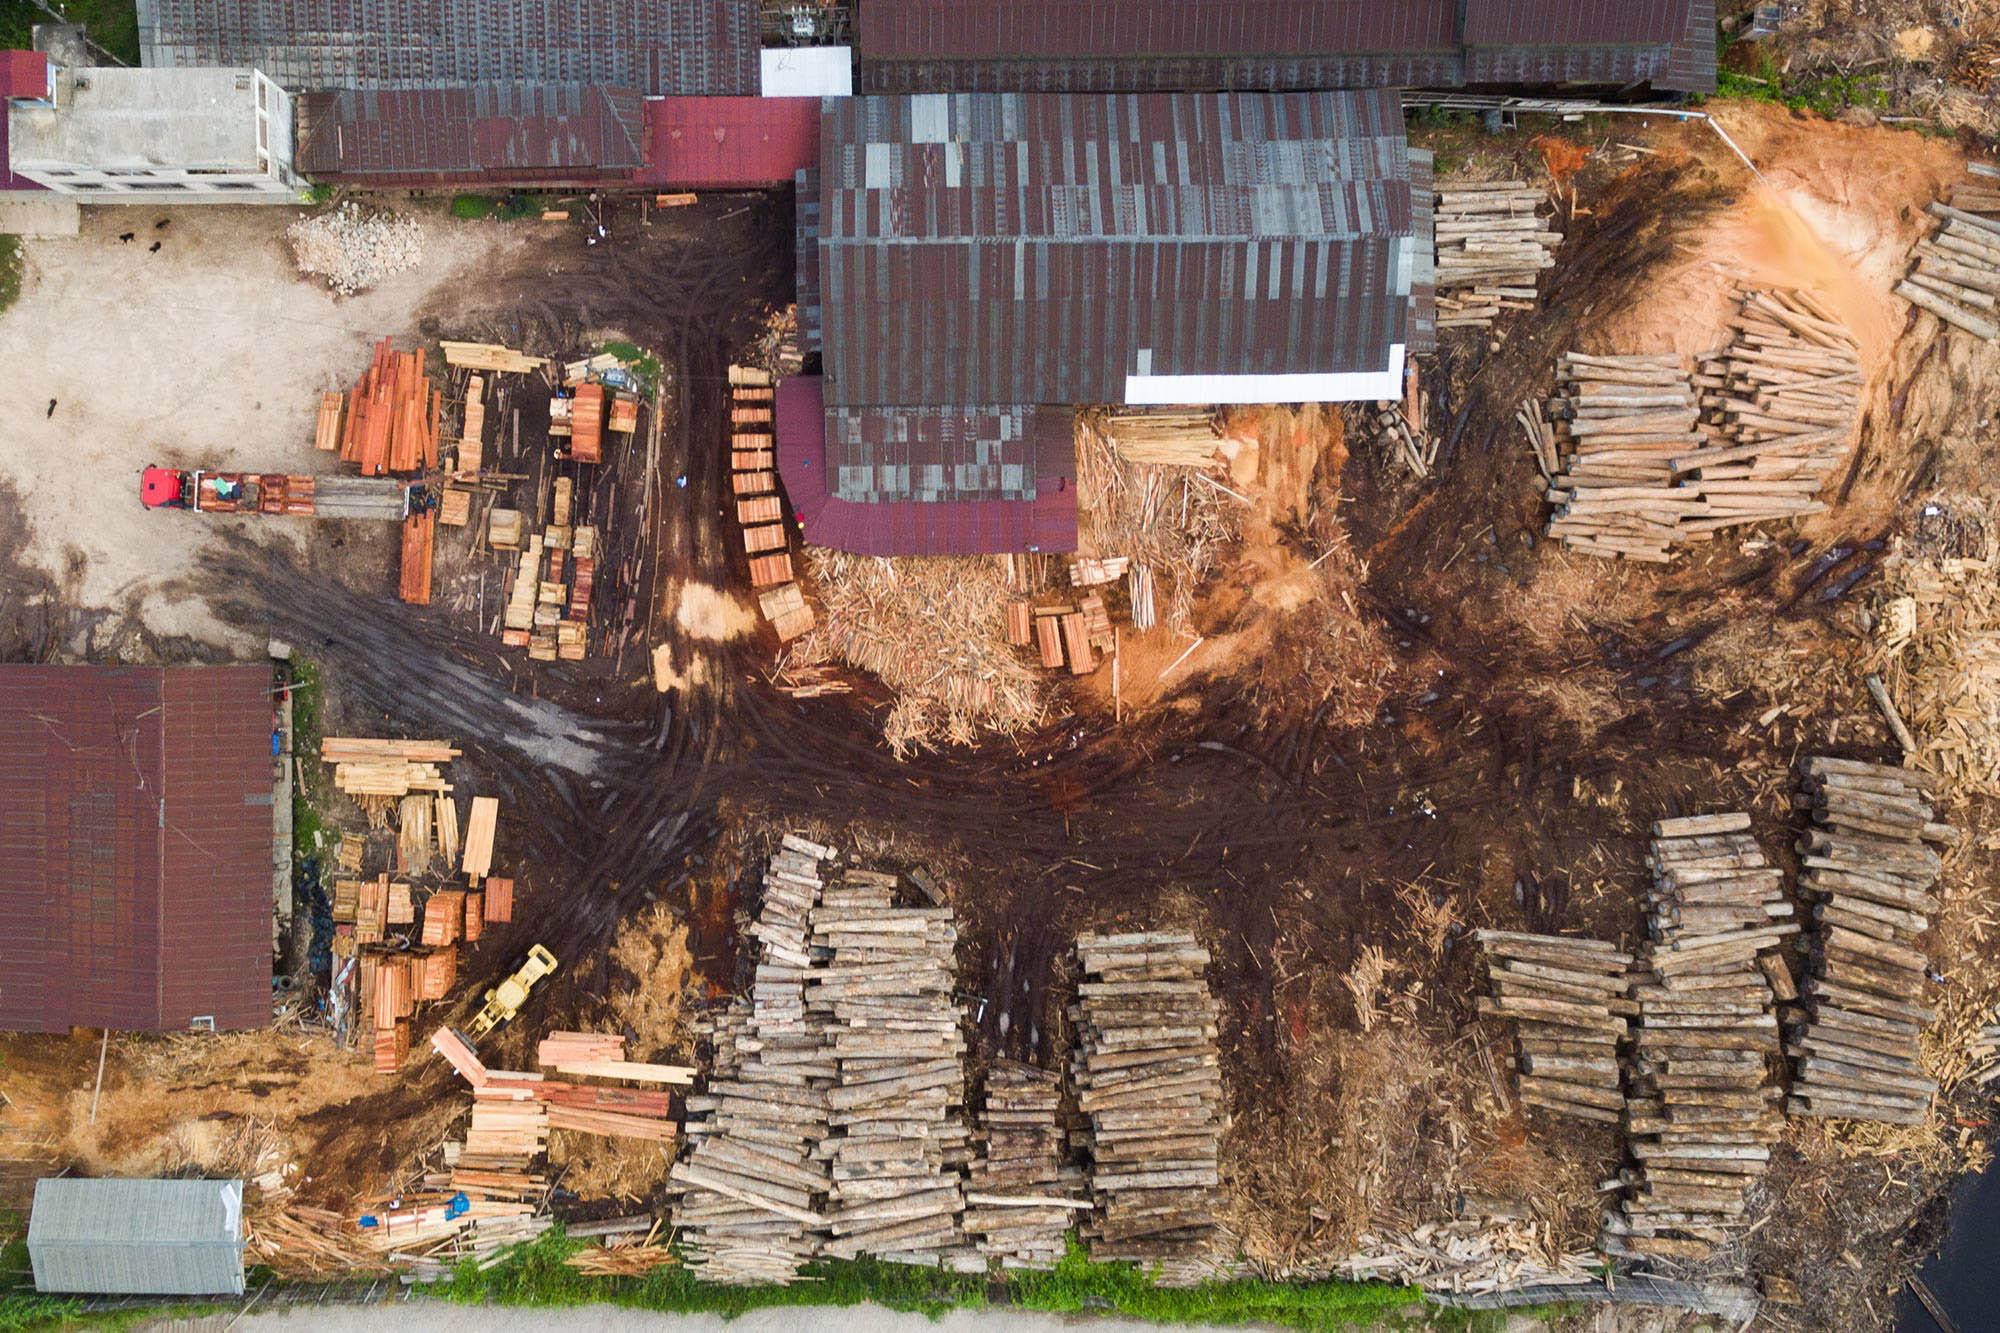 Madera-EIA - Noticias ambientales